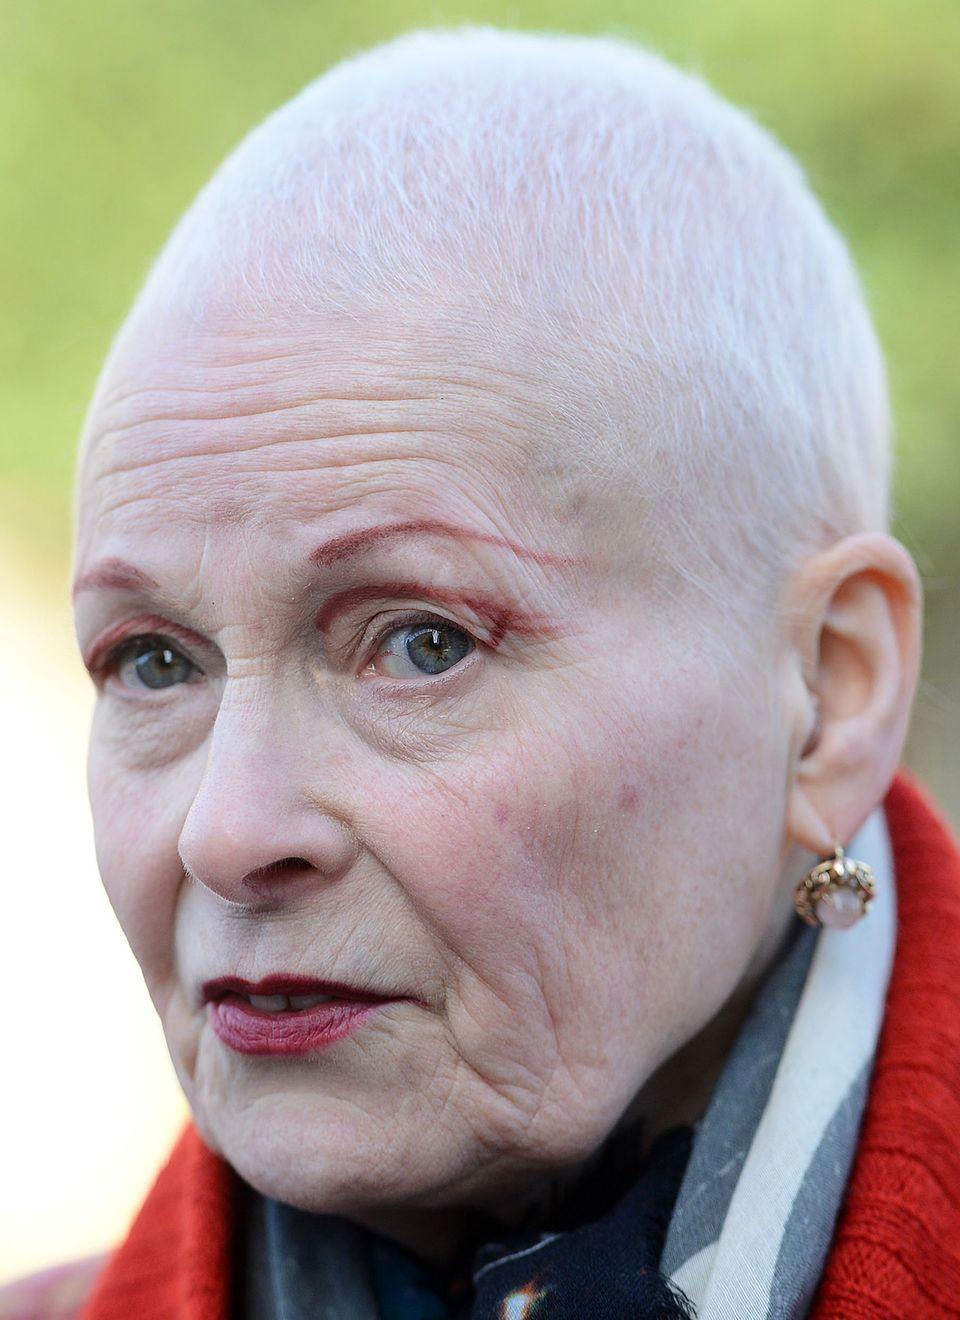 Vivienne Westwood, die Erfinderin der Punk-Mode, hat sich von ihrer leuchtend roten Mähne getrennt. Um auf den Klimawandel aufmerksam zu machen und zu zeigen, wie stolz sie auf ihre 72 Jahre ist, trägt sie das weiße Haar nun raspelkurz.